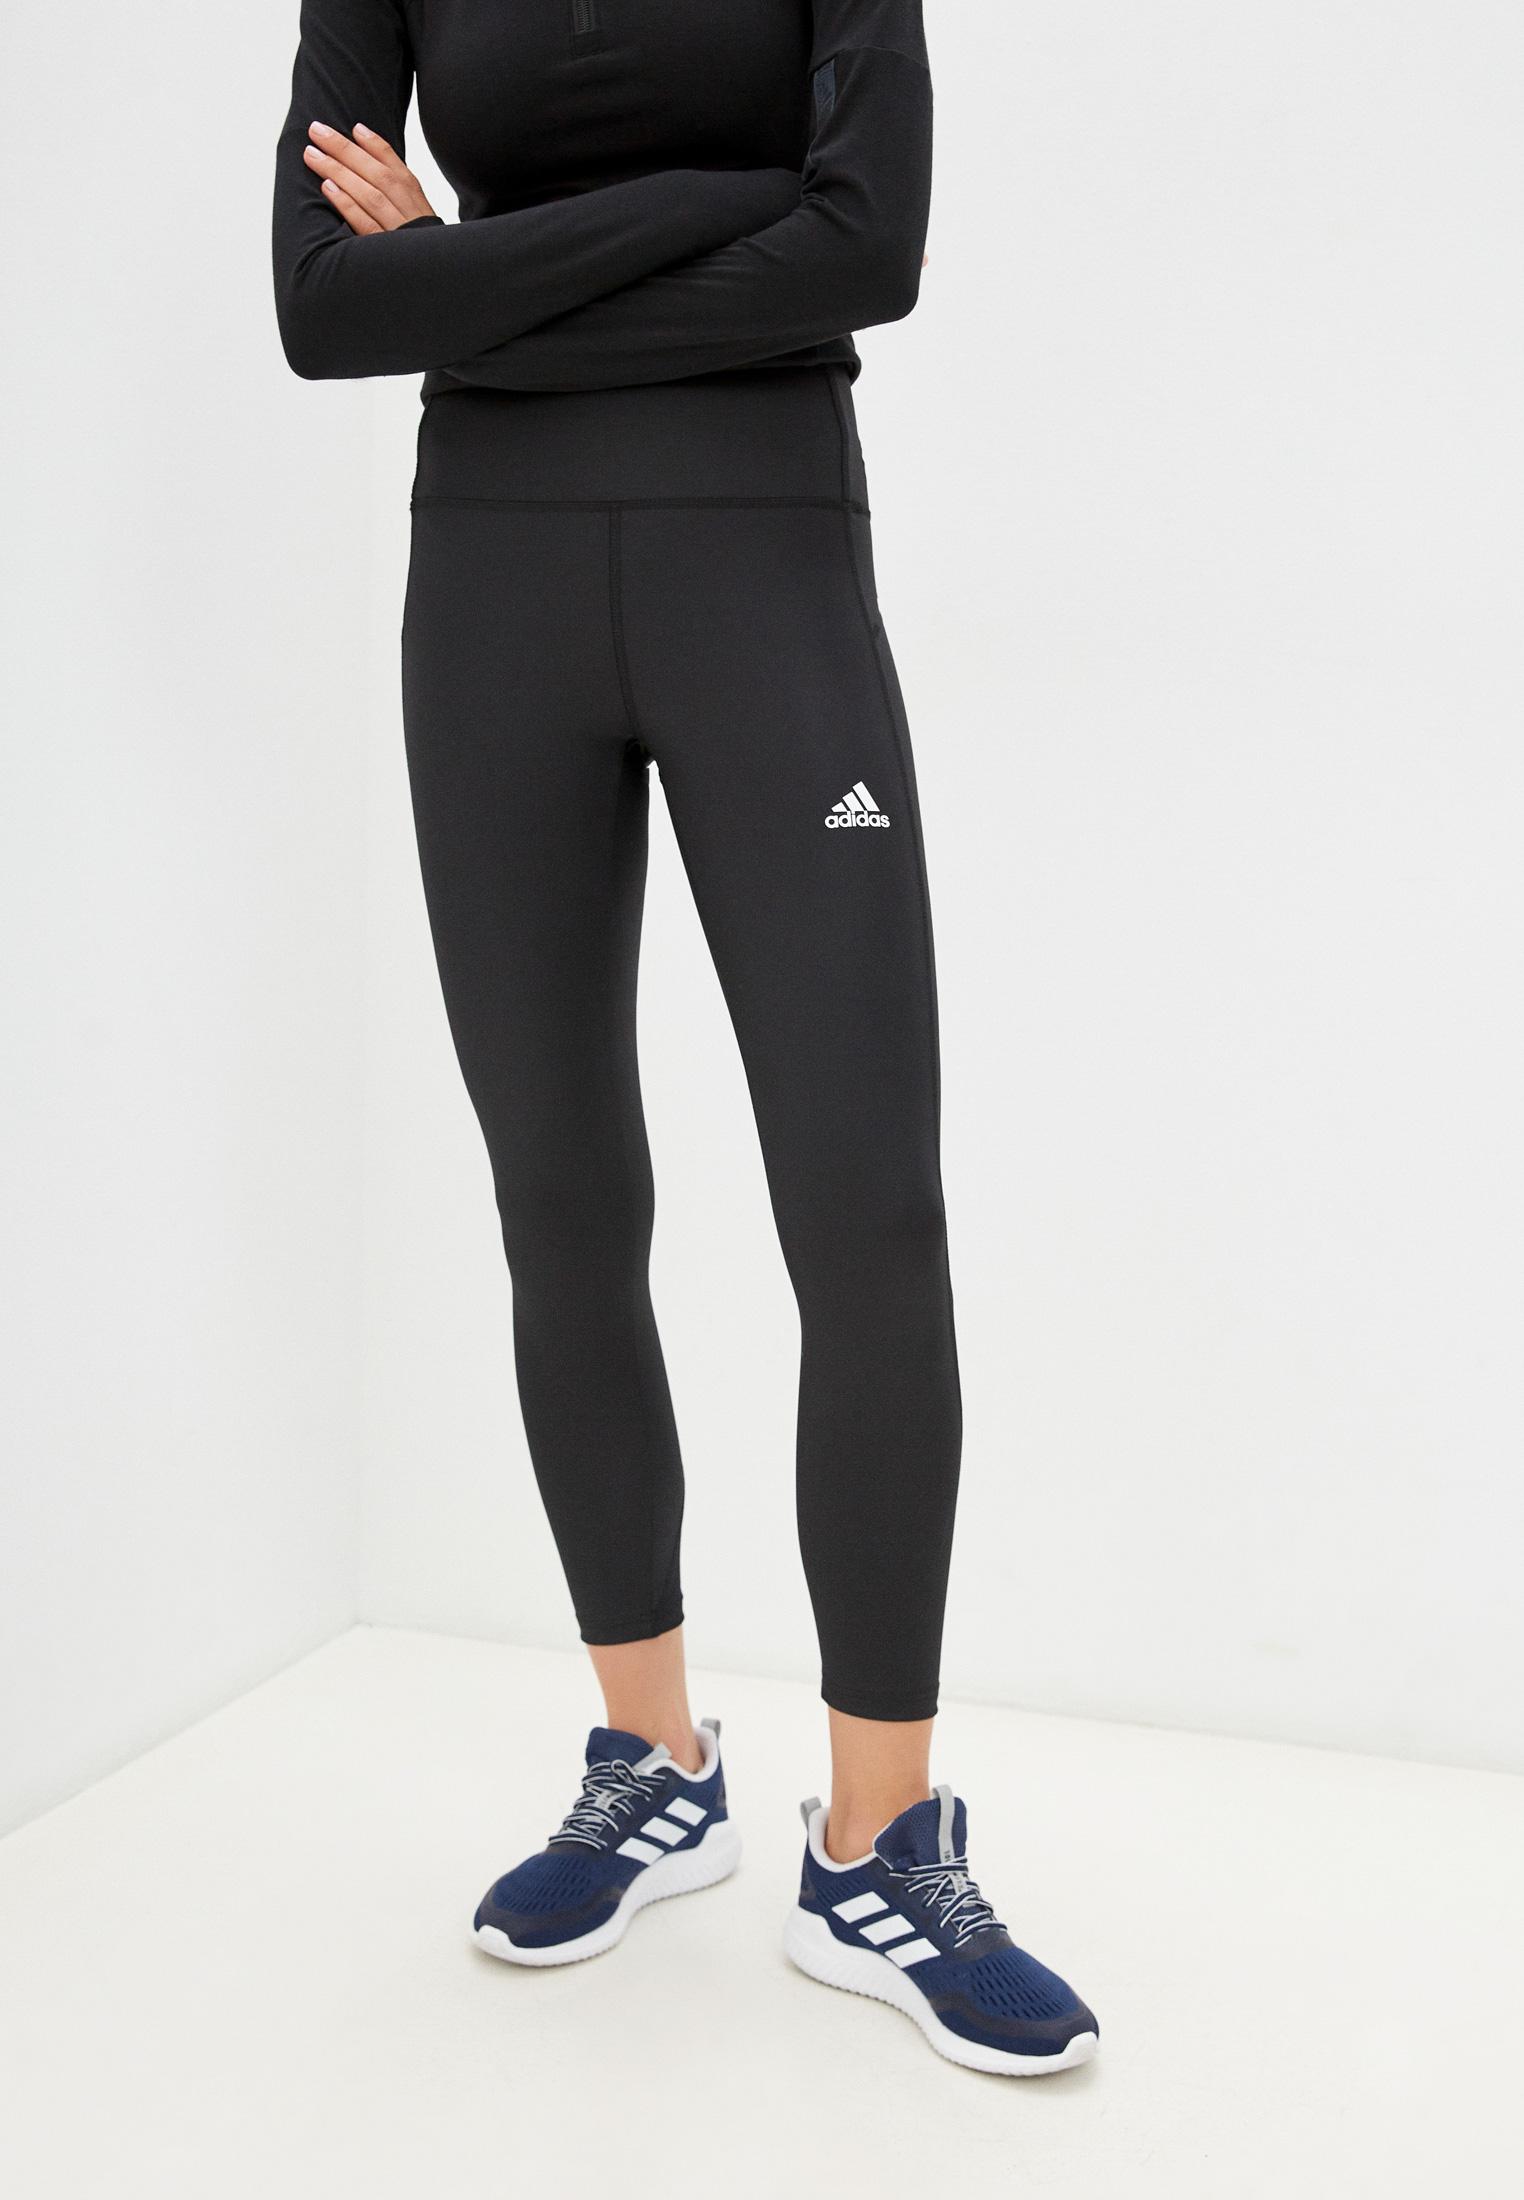 Женские леггинсы Adidas (Адидас) Тайтсы adidas